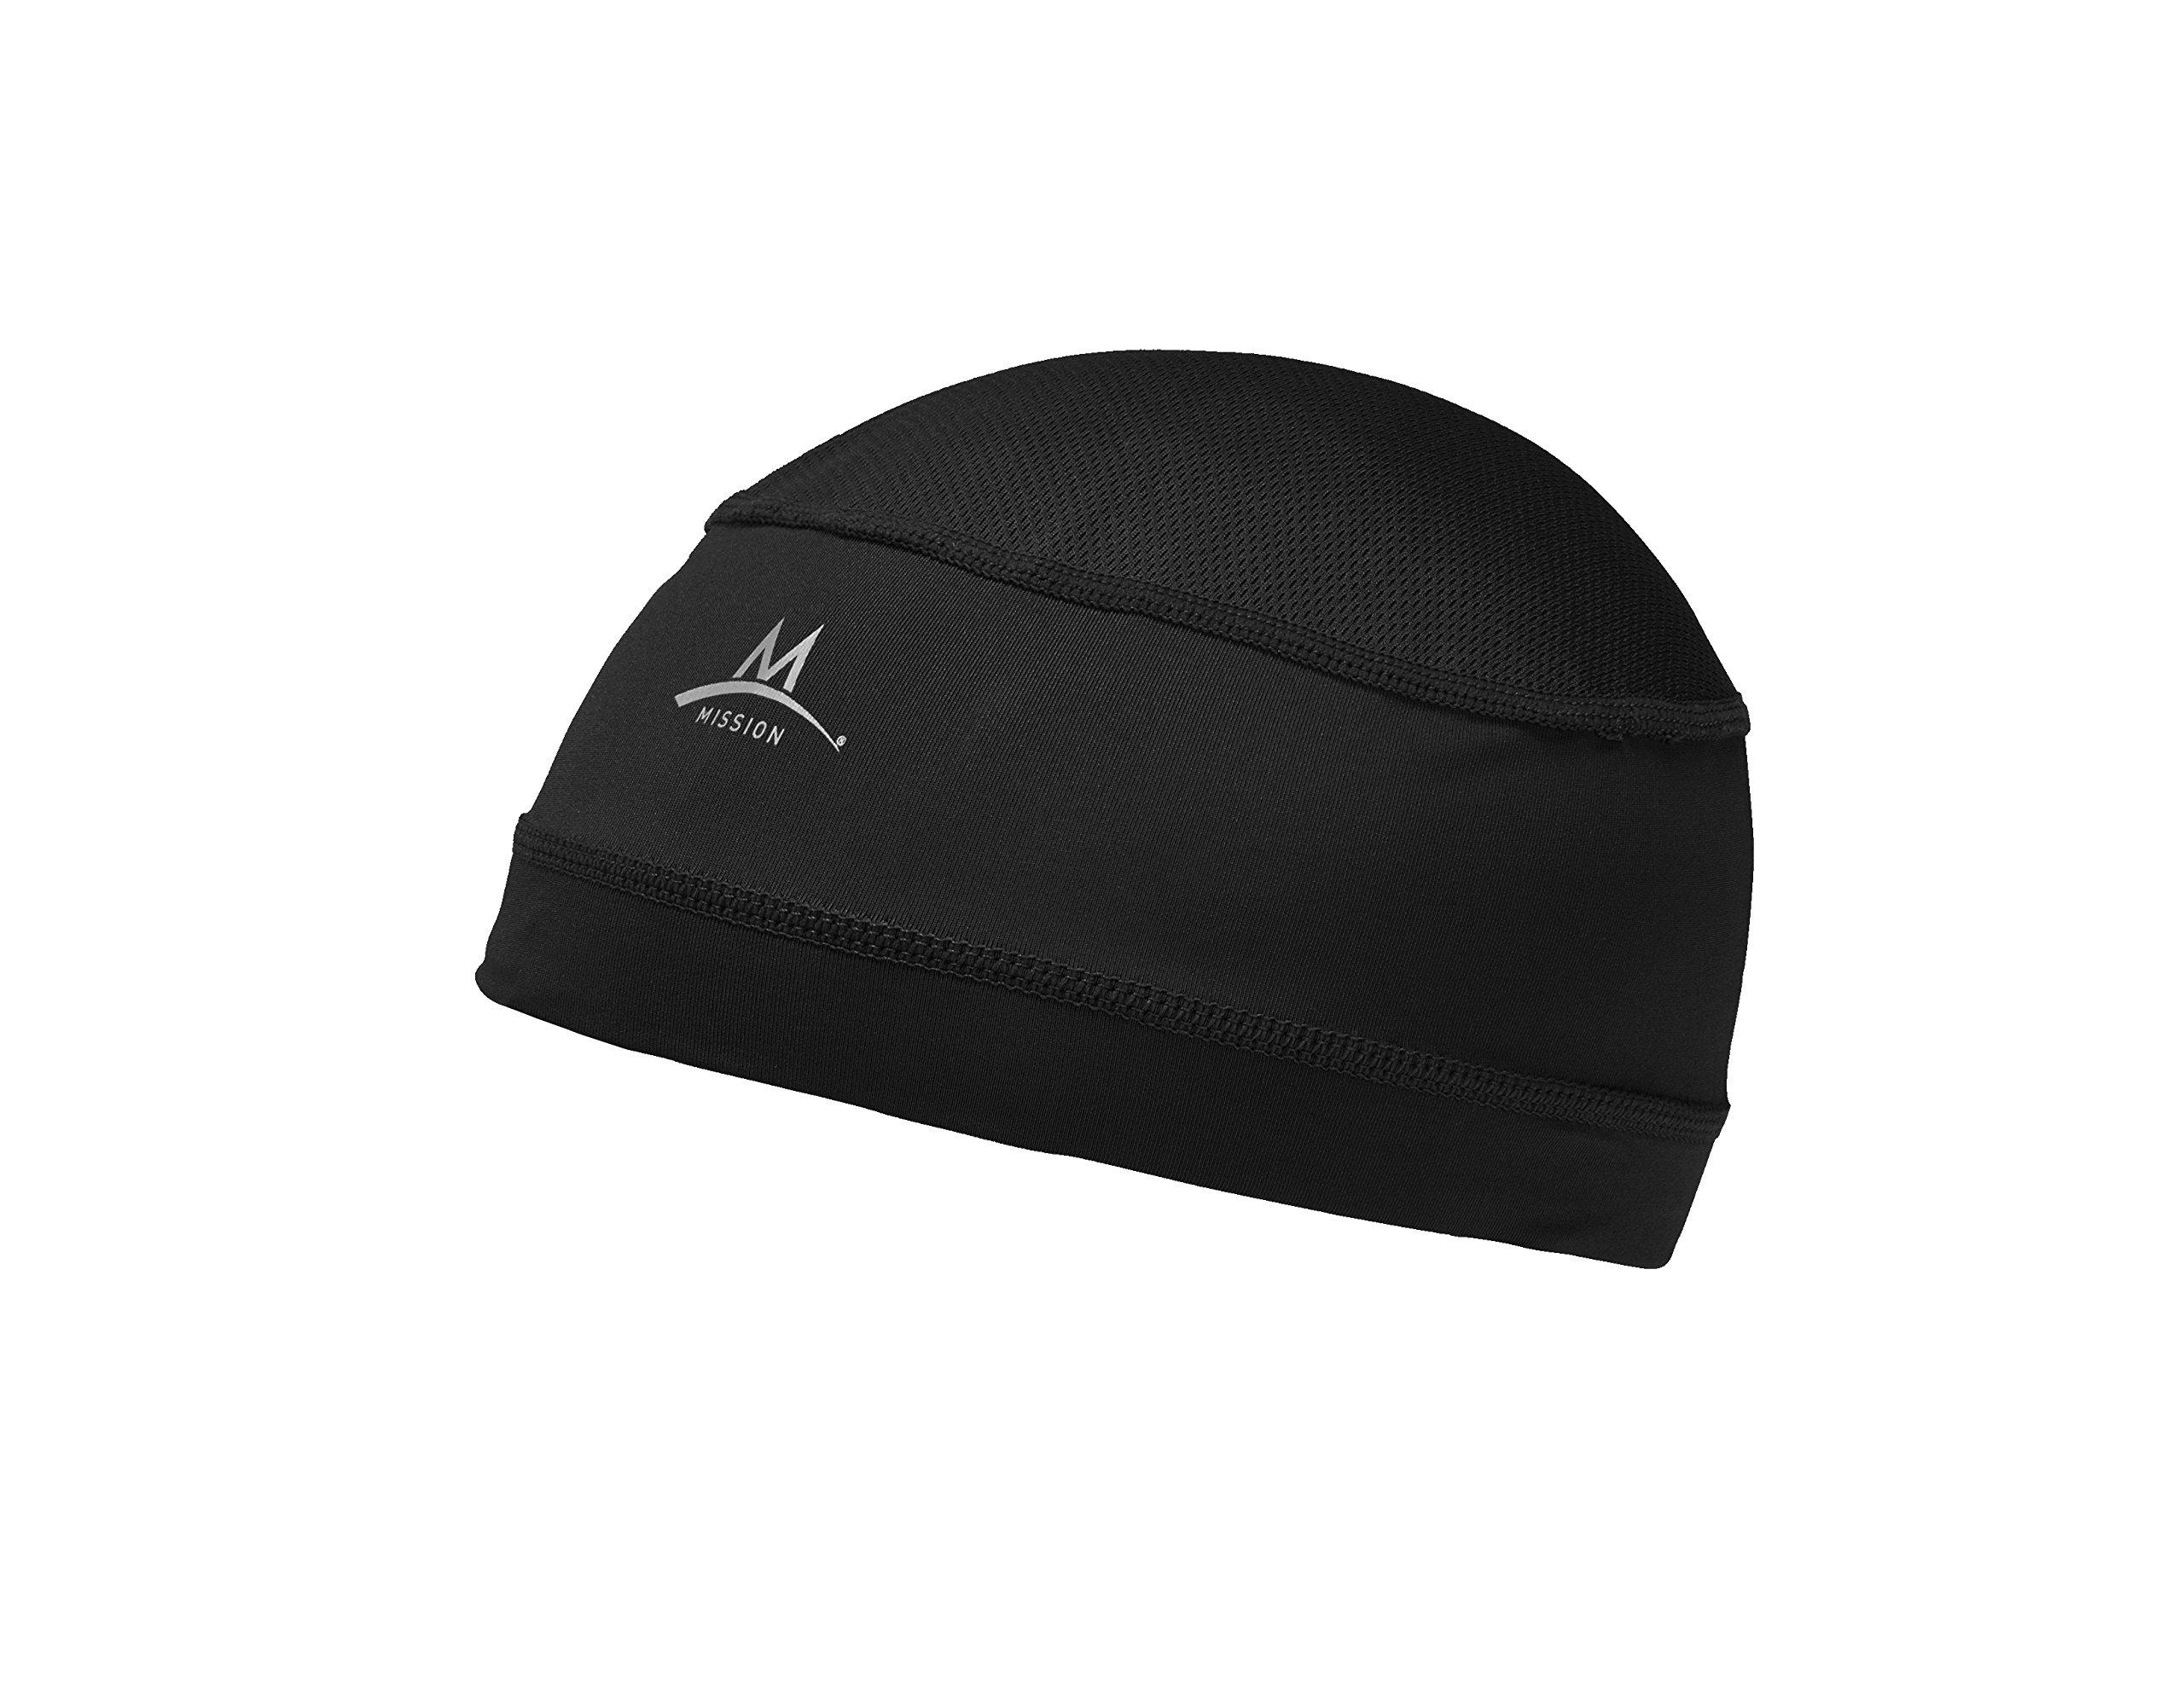 Mission Enduracool Cooling Helmet Liner, Black, One Size